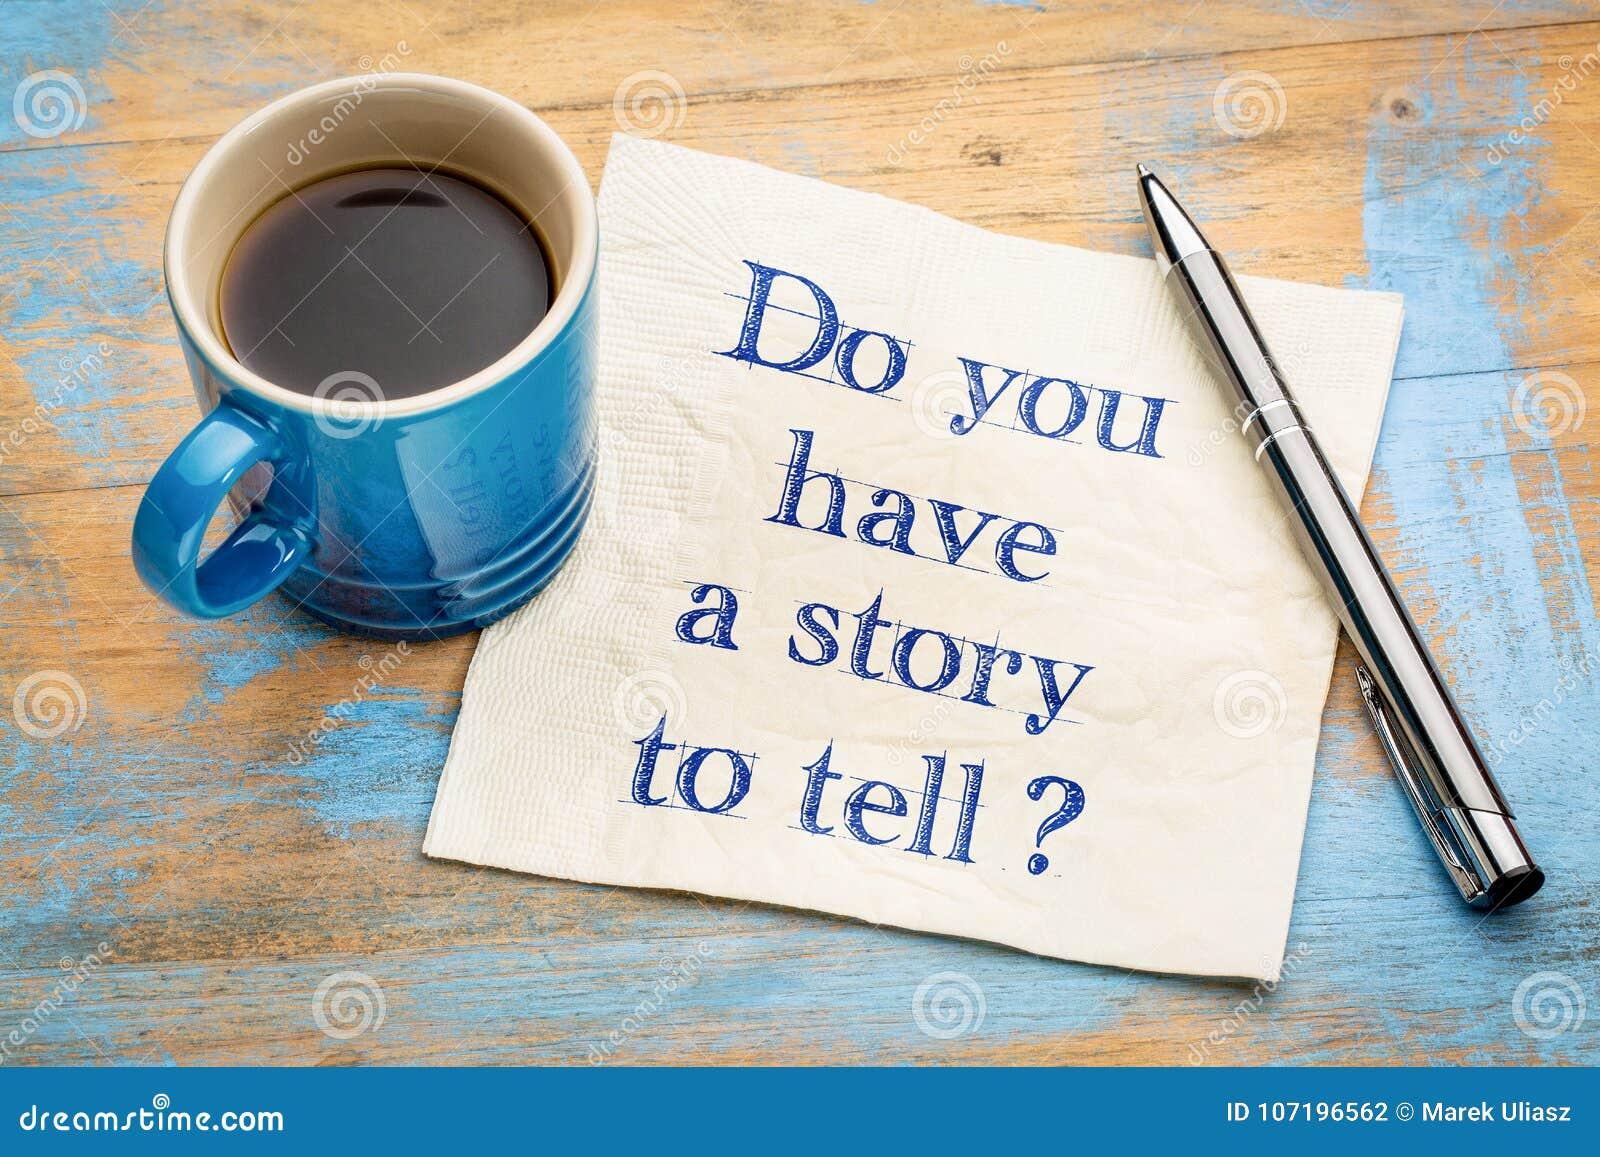 Hebt u een verhaal te vertellen?